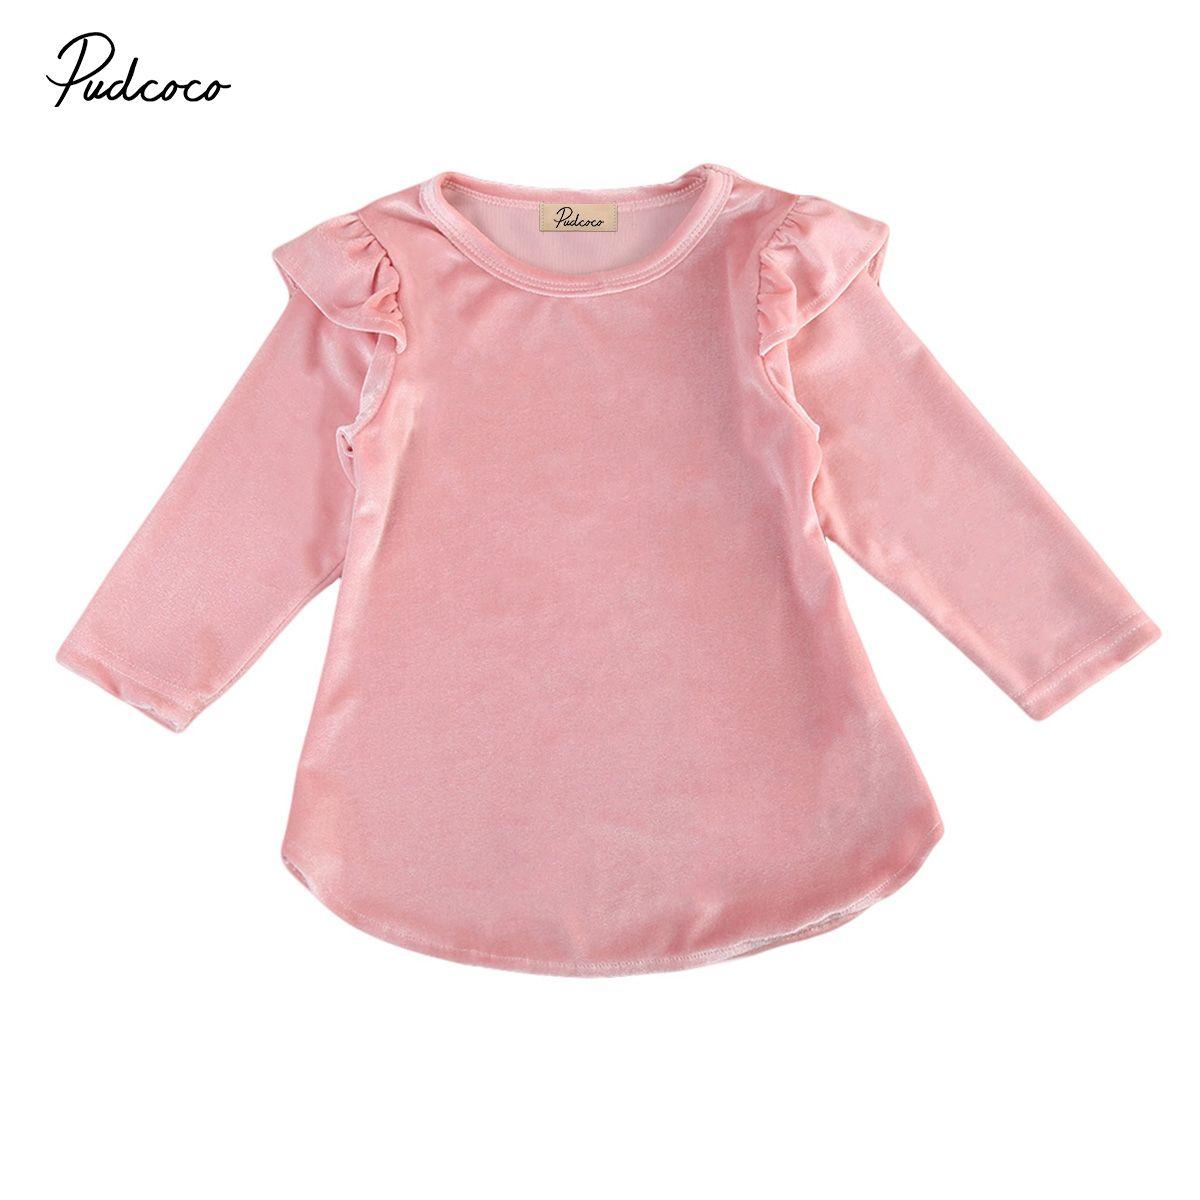 Fiesta niñas nueva primavera del niño otoño del bebé rosado de la princesa Tutu Dress Vestidos Pleuche vestidos para la muchacha ropa 0-4T